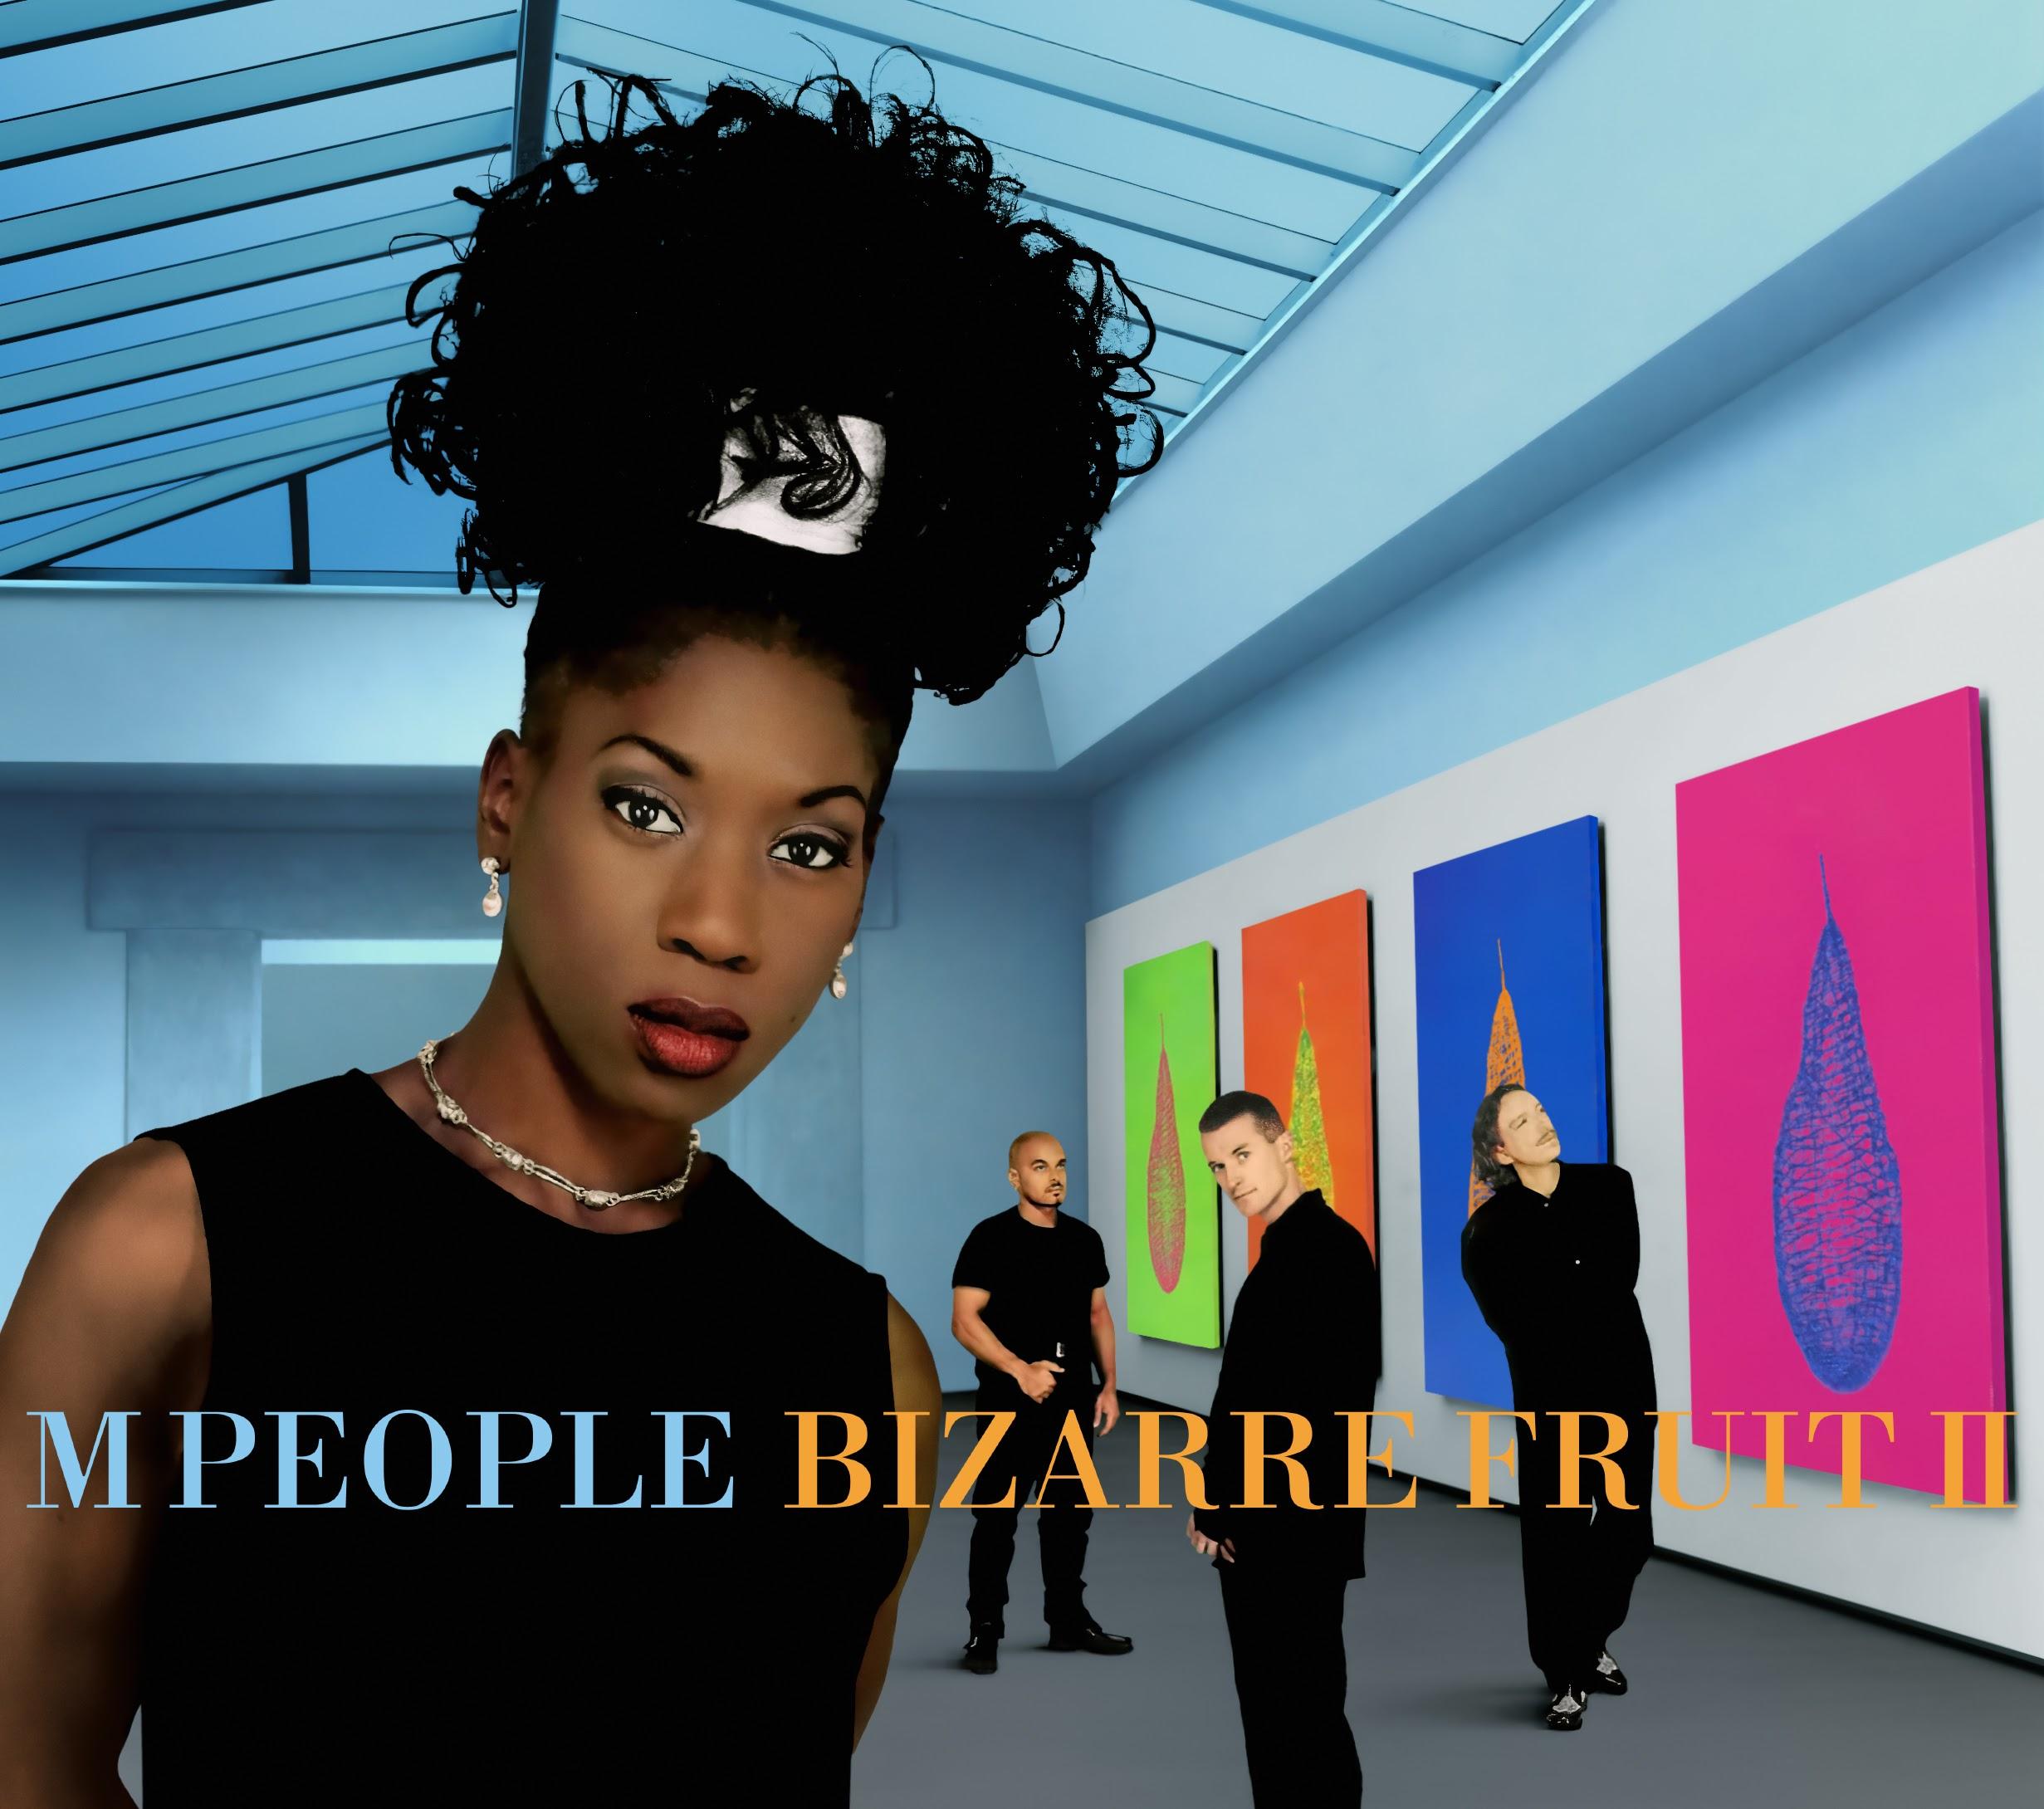 Album Artist: M People / Album Title: Bizarre Fruit II [Rectangular Album Art]